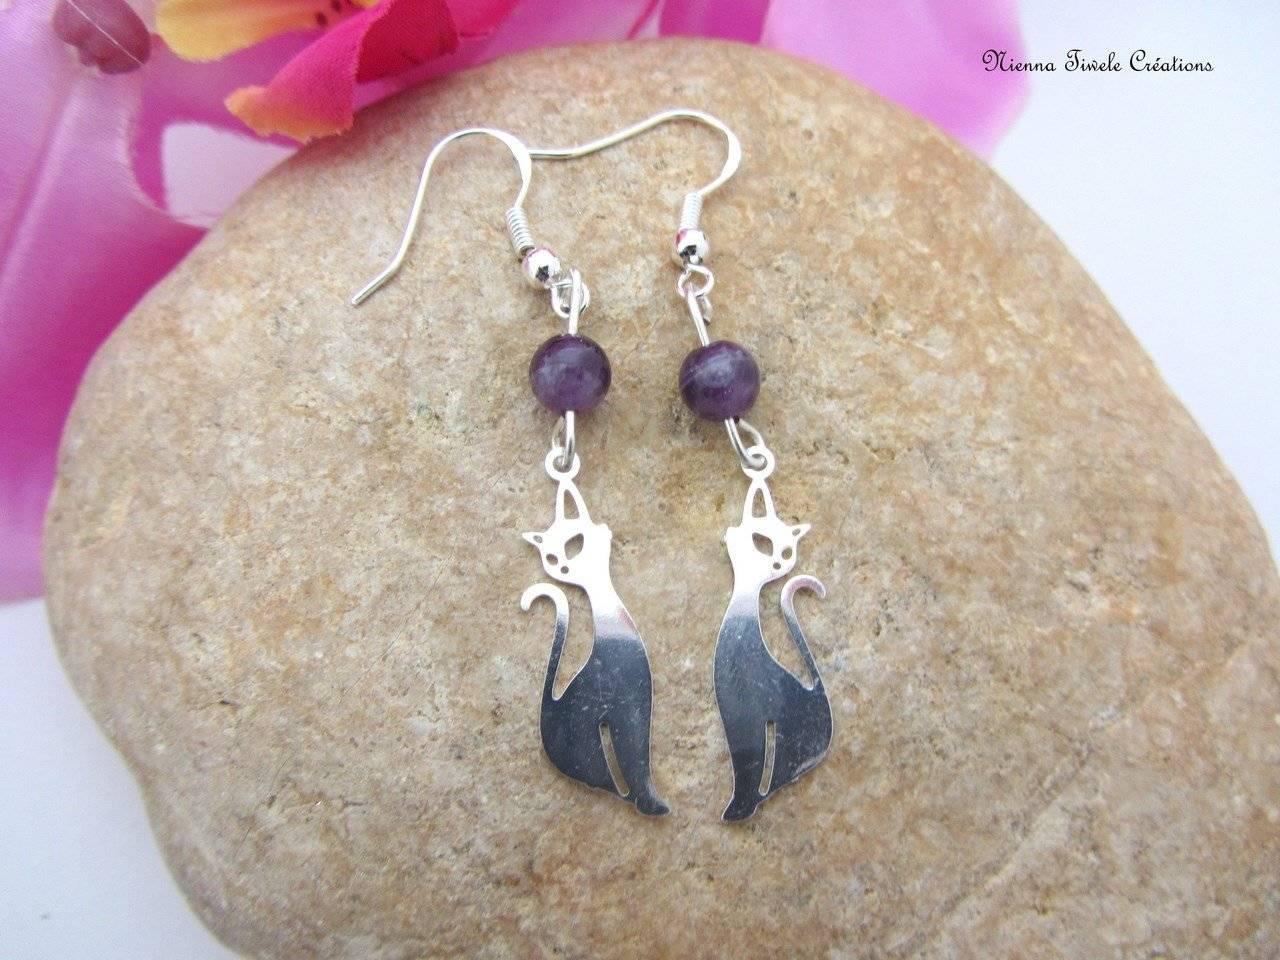 Boucle d'oreille pendante, argent améthyste, pierre, chat, violette, femme